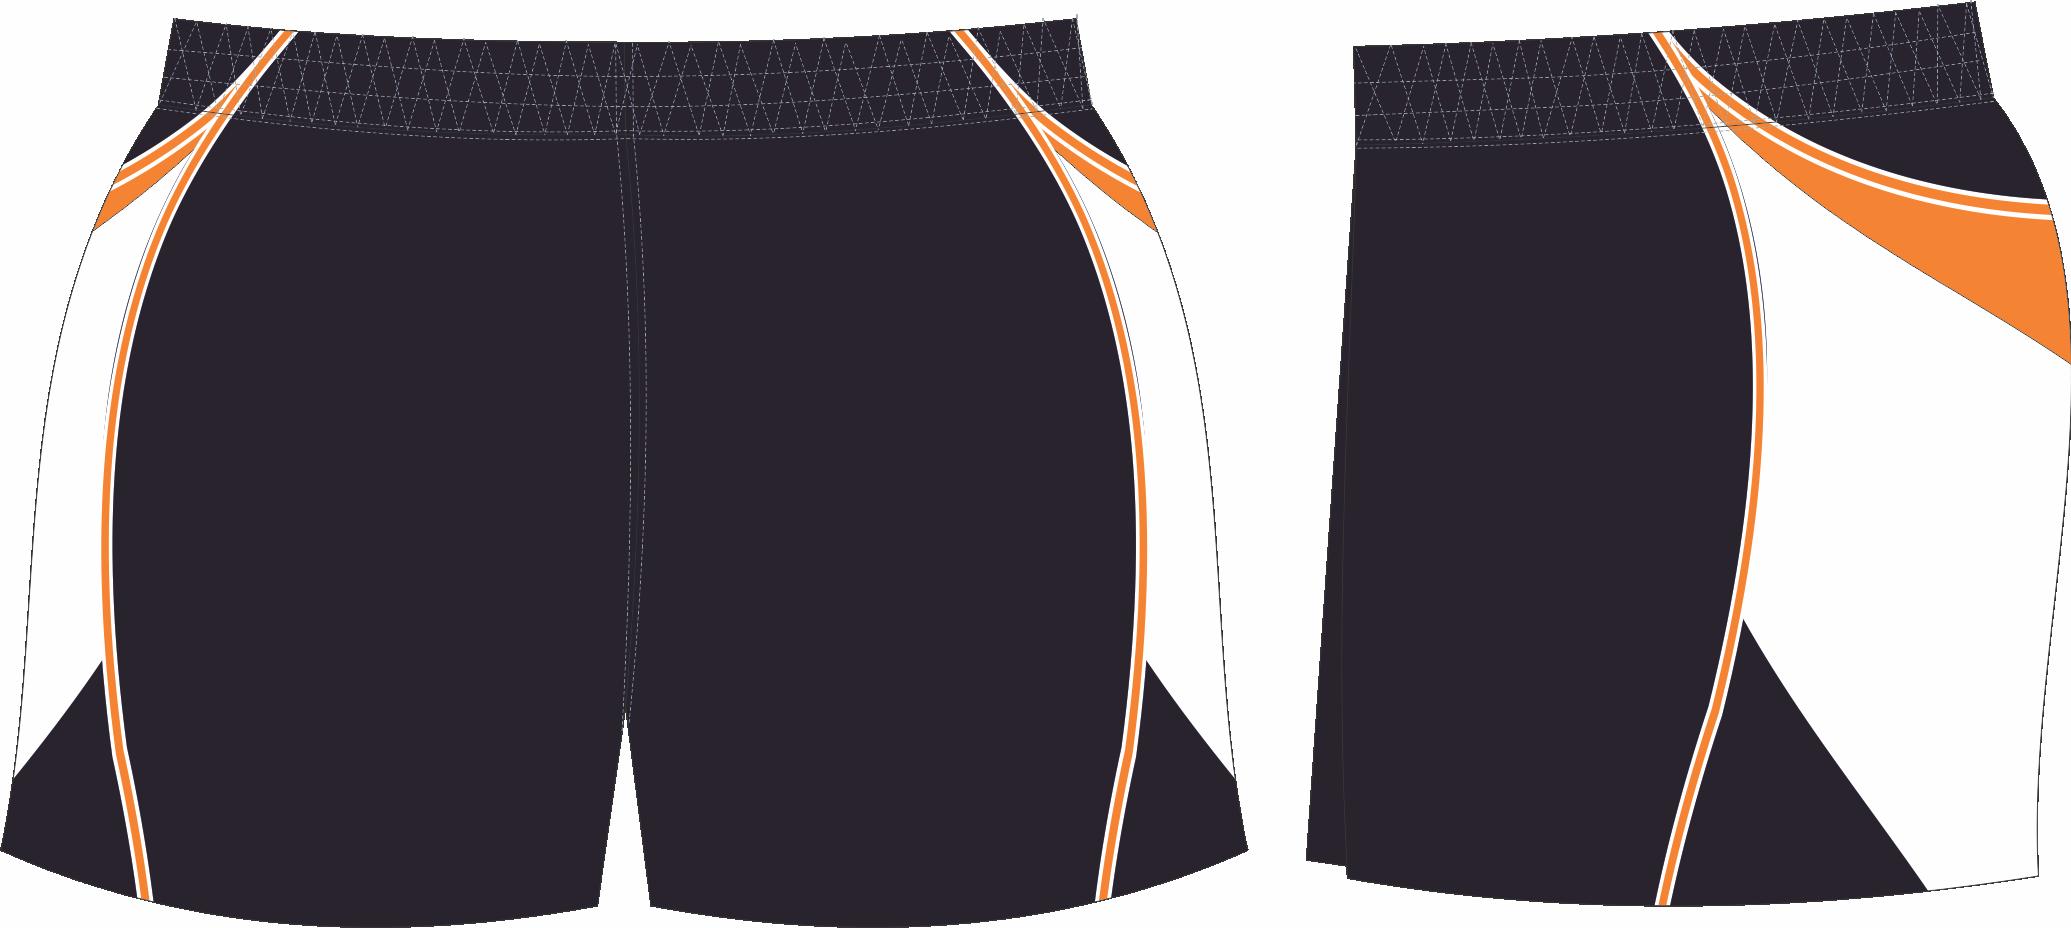 X303XSHT Orange Black White.png